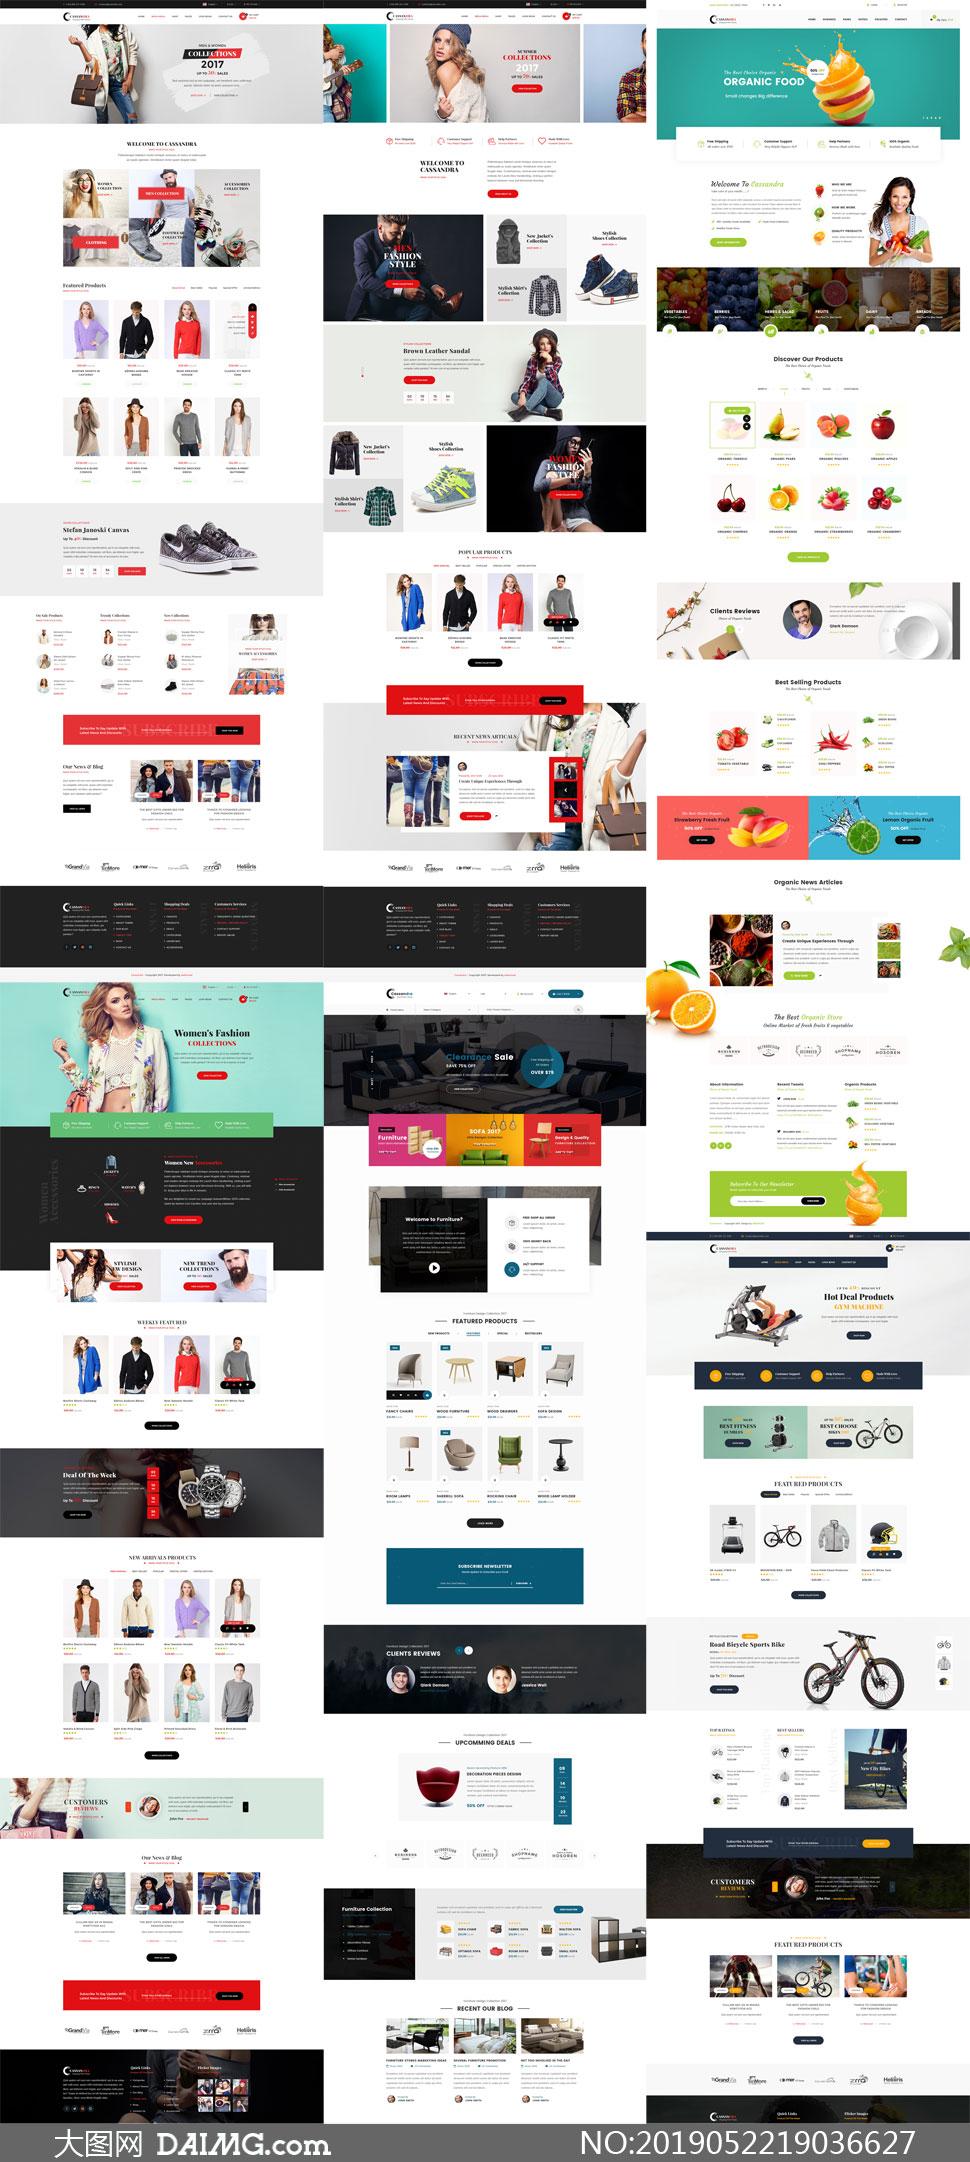 服饰生鲜与家具健身等用途网站模板